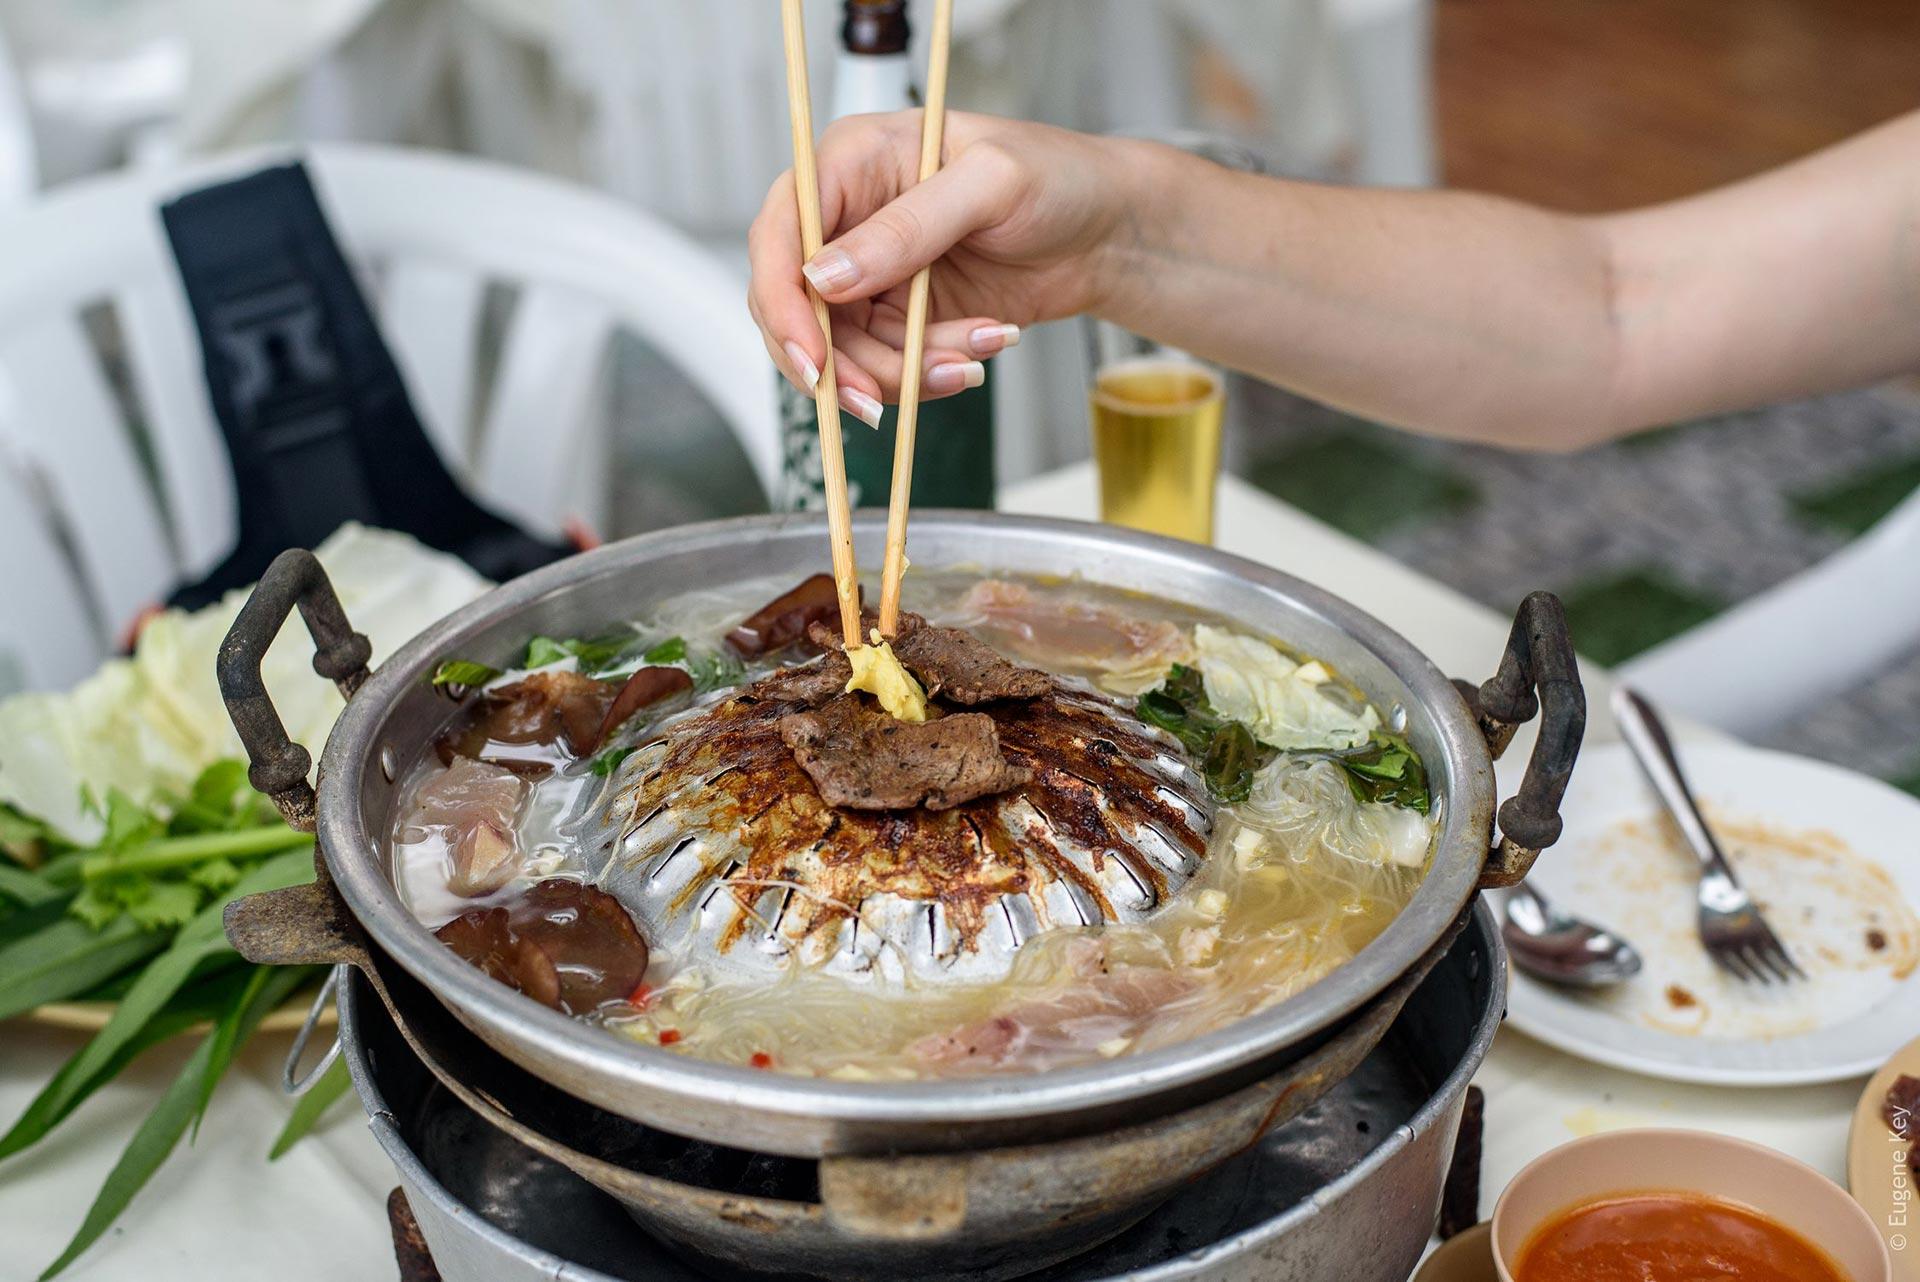 еда, азия, вкусно, тайская кухня, хот пот, горячий горшок, hot pot